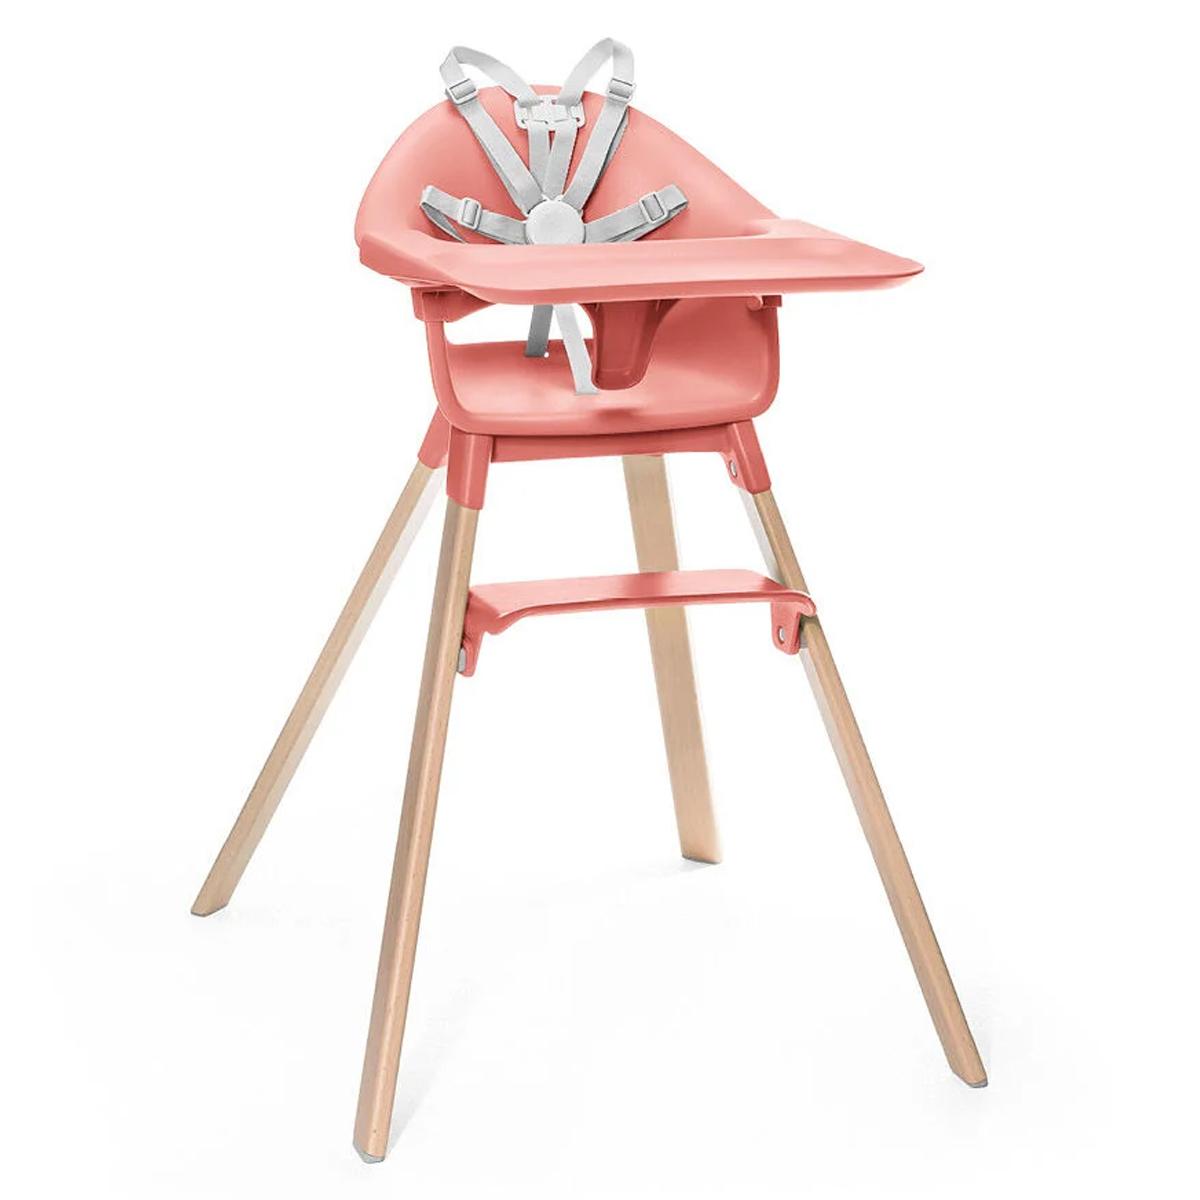 Chaise haute Chaise Haute Clikk - Corail Lumineux Chaise Haute Clikk - Corail Lumineux